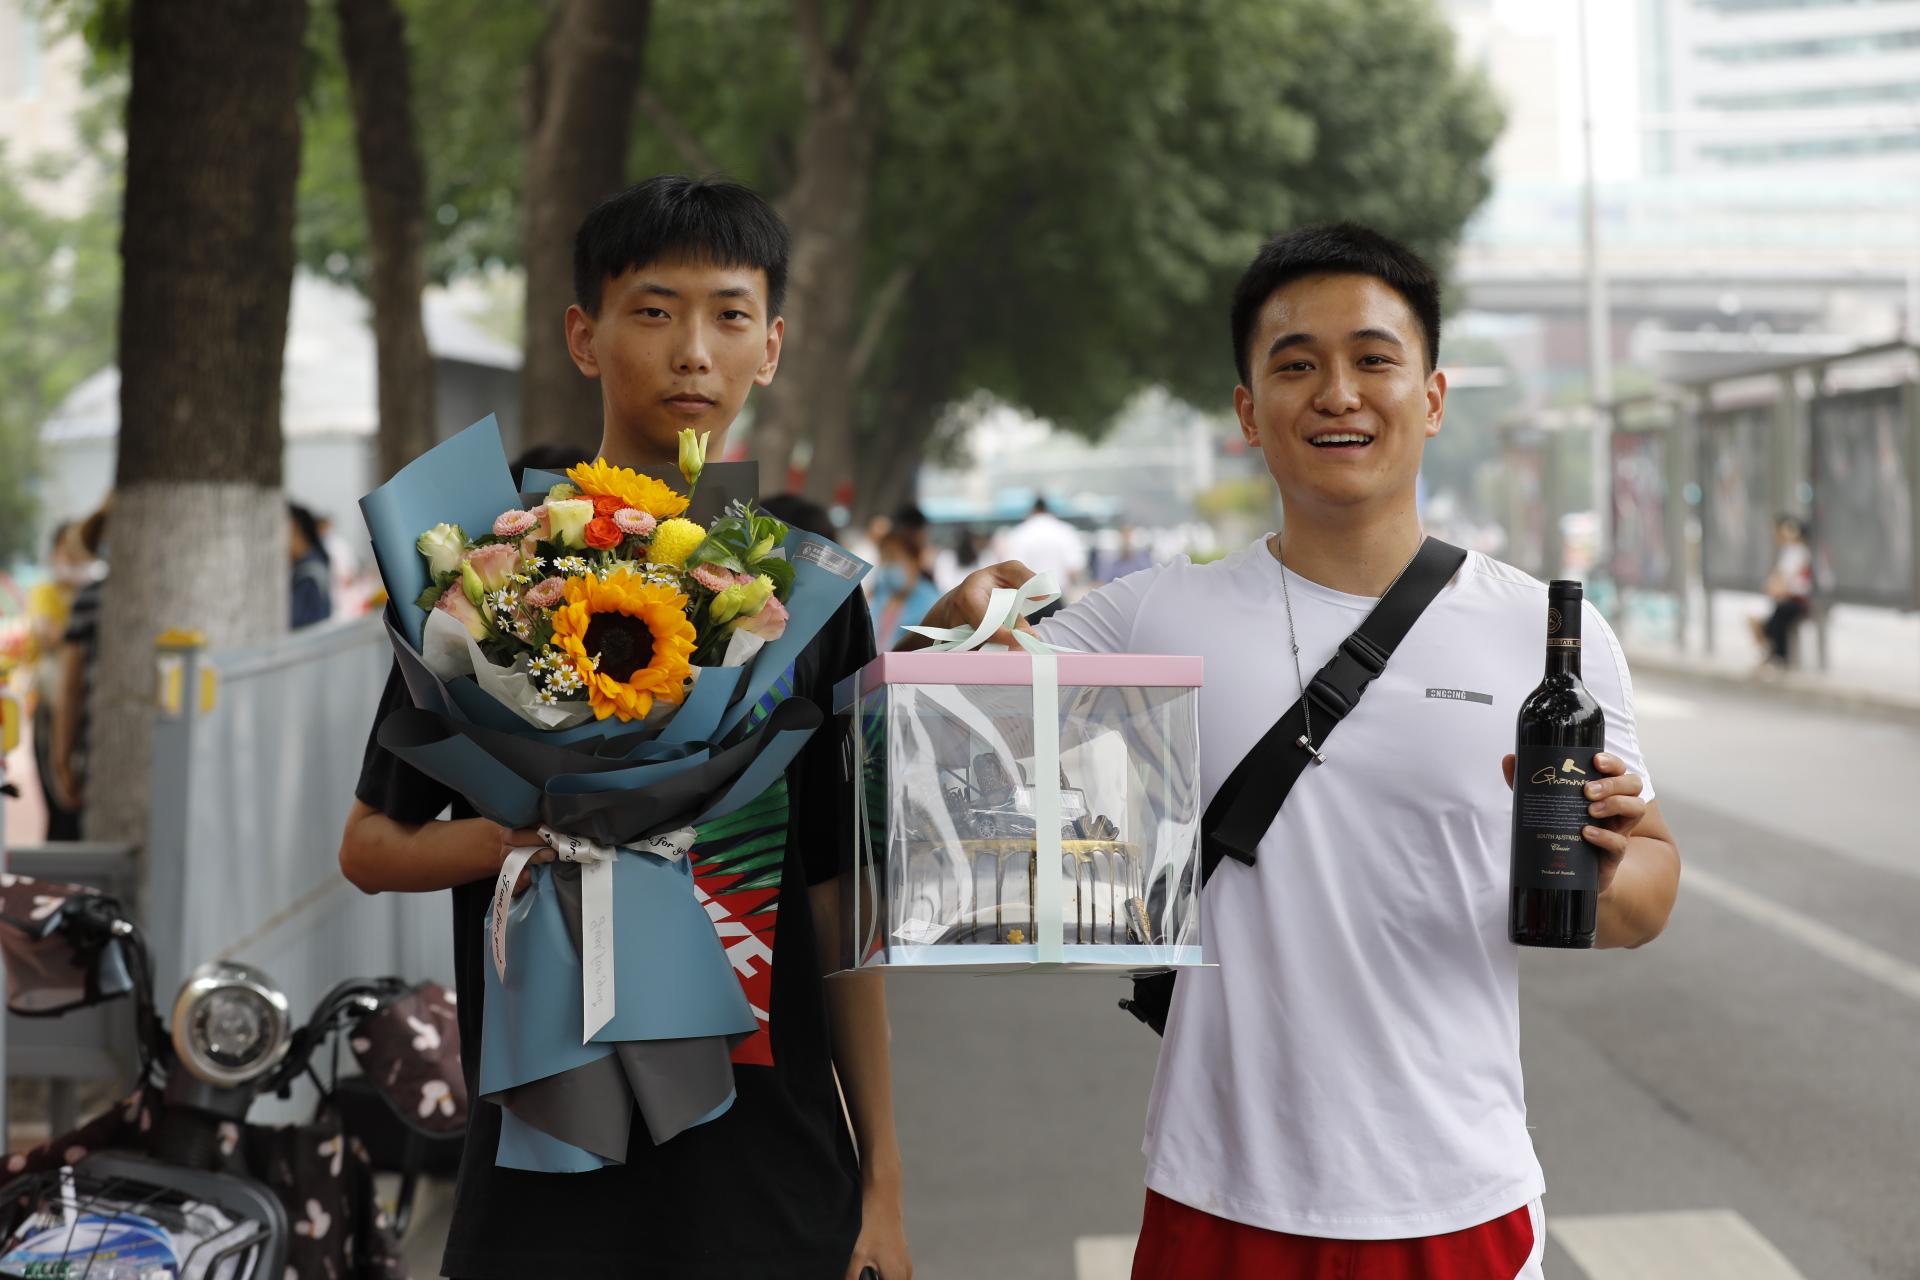 高考最后一日 鲜花、拥抱、笑脸迎接考生归来